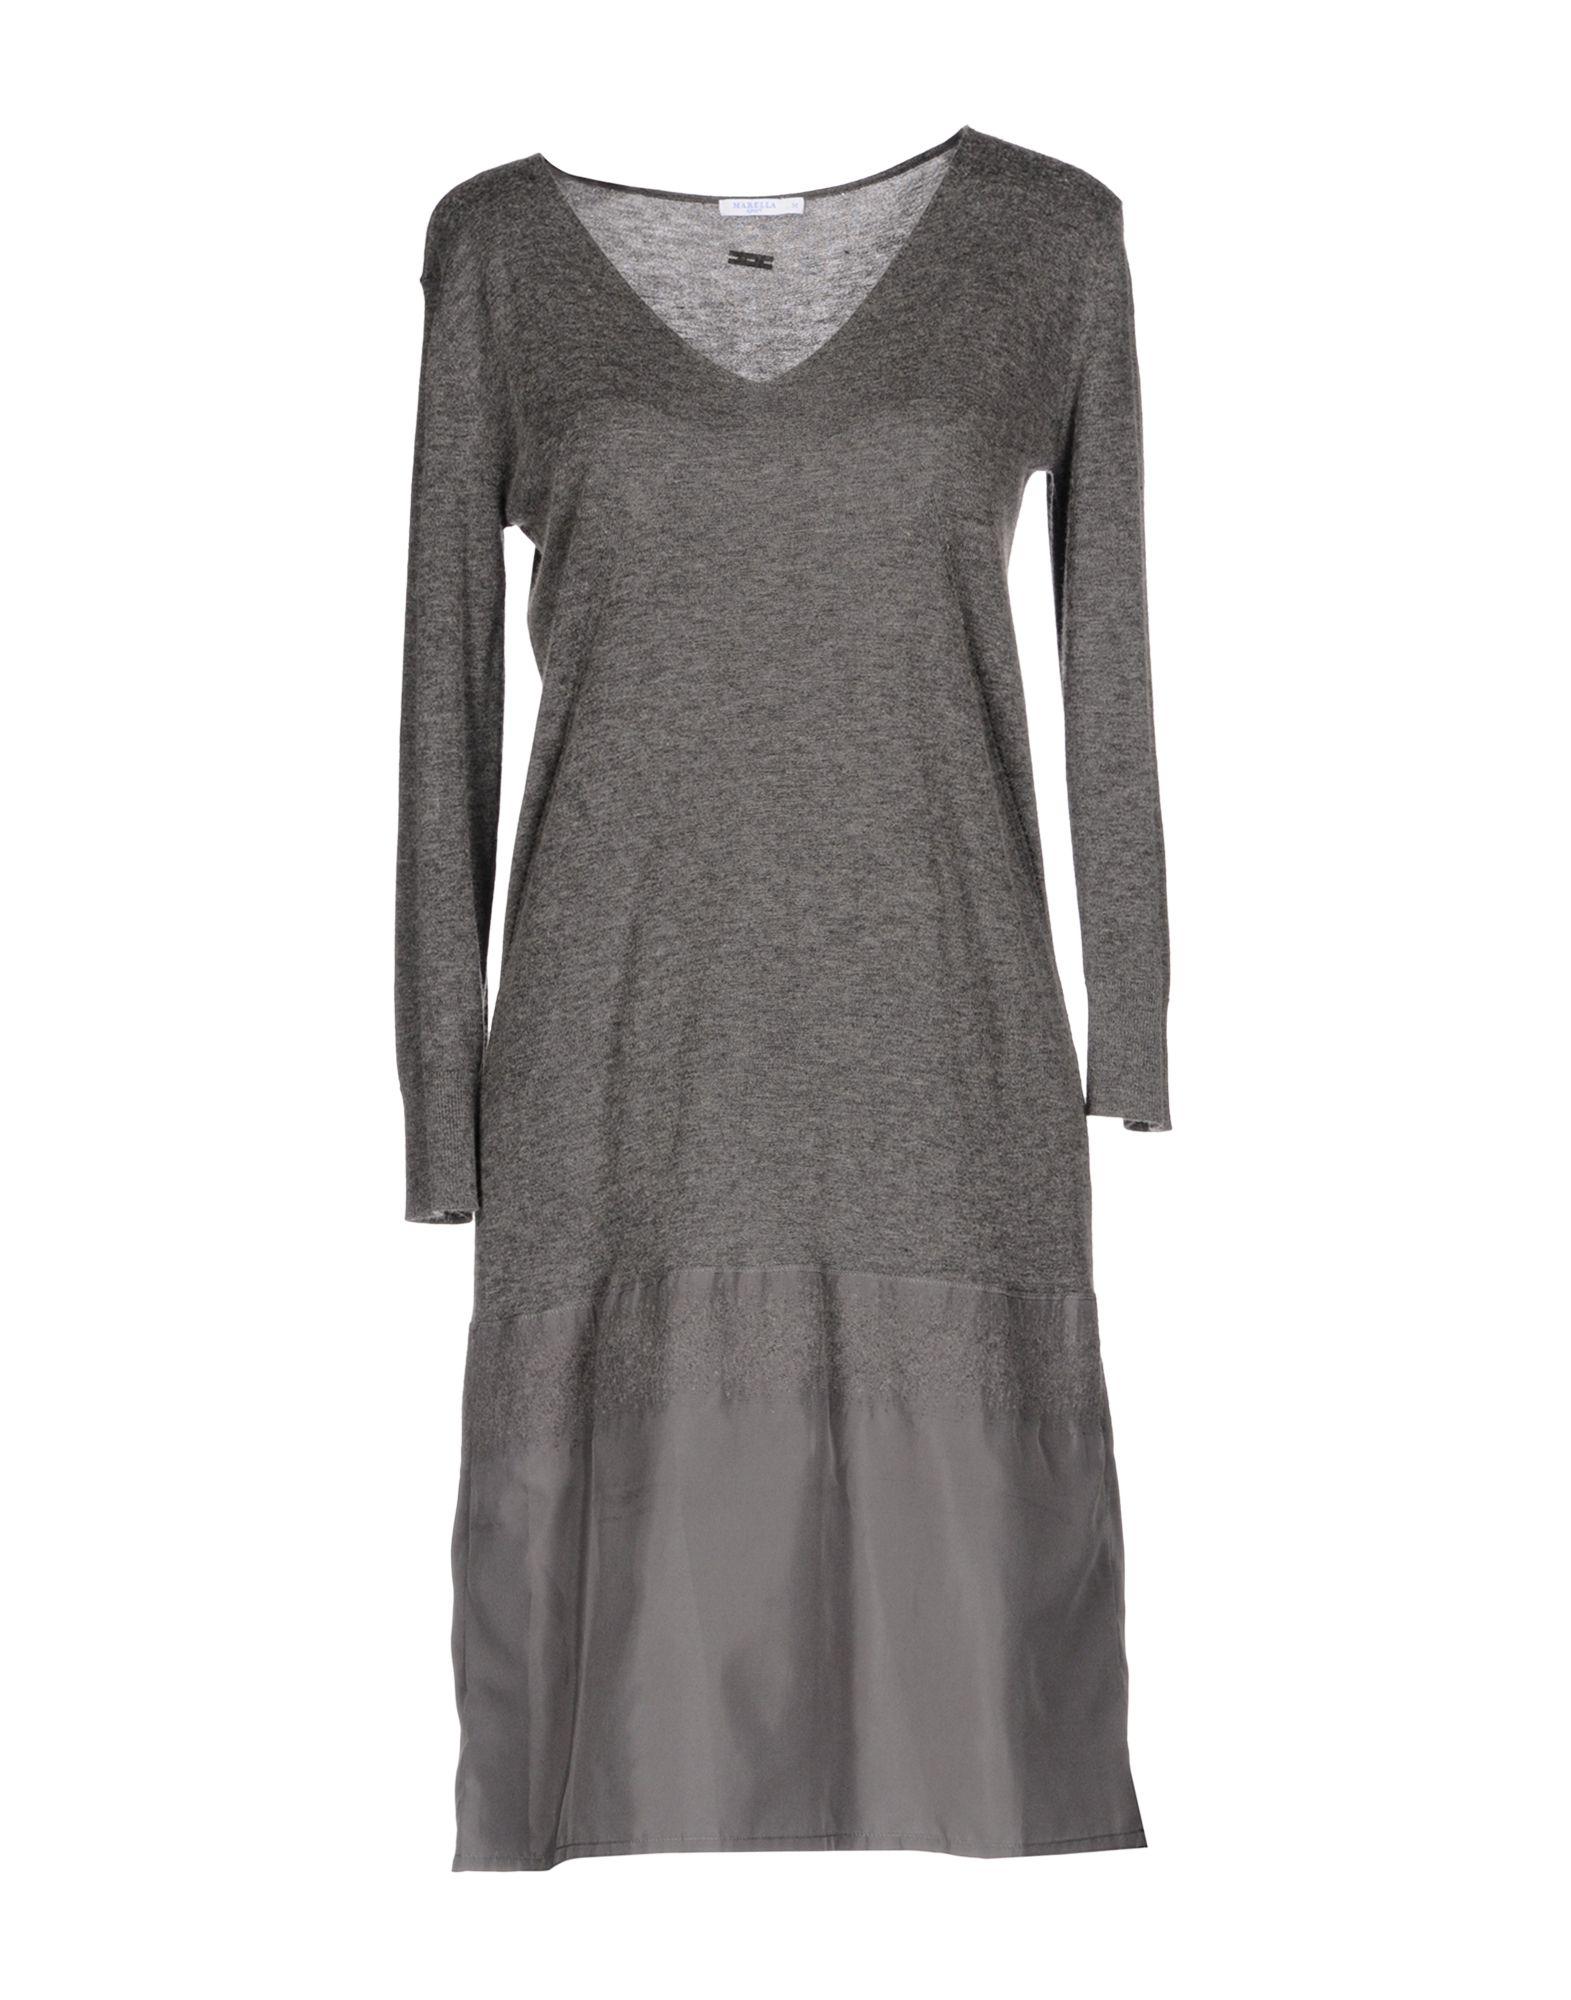 MARELLA SPORT Короткое платье marella платье марелла sede 0316 черный 44 чёрный